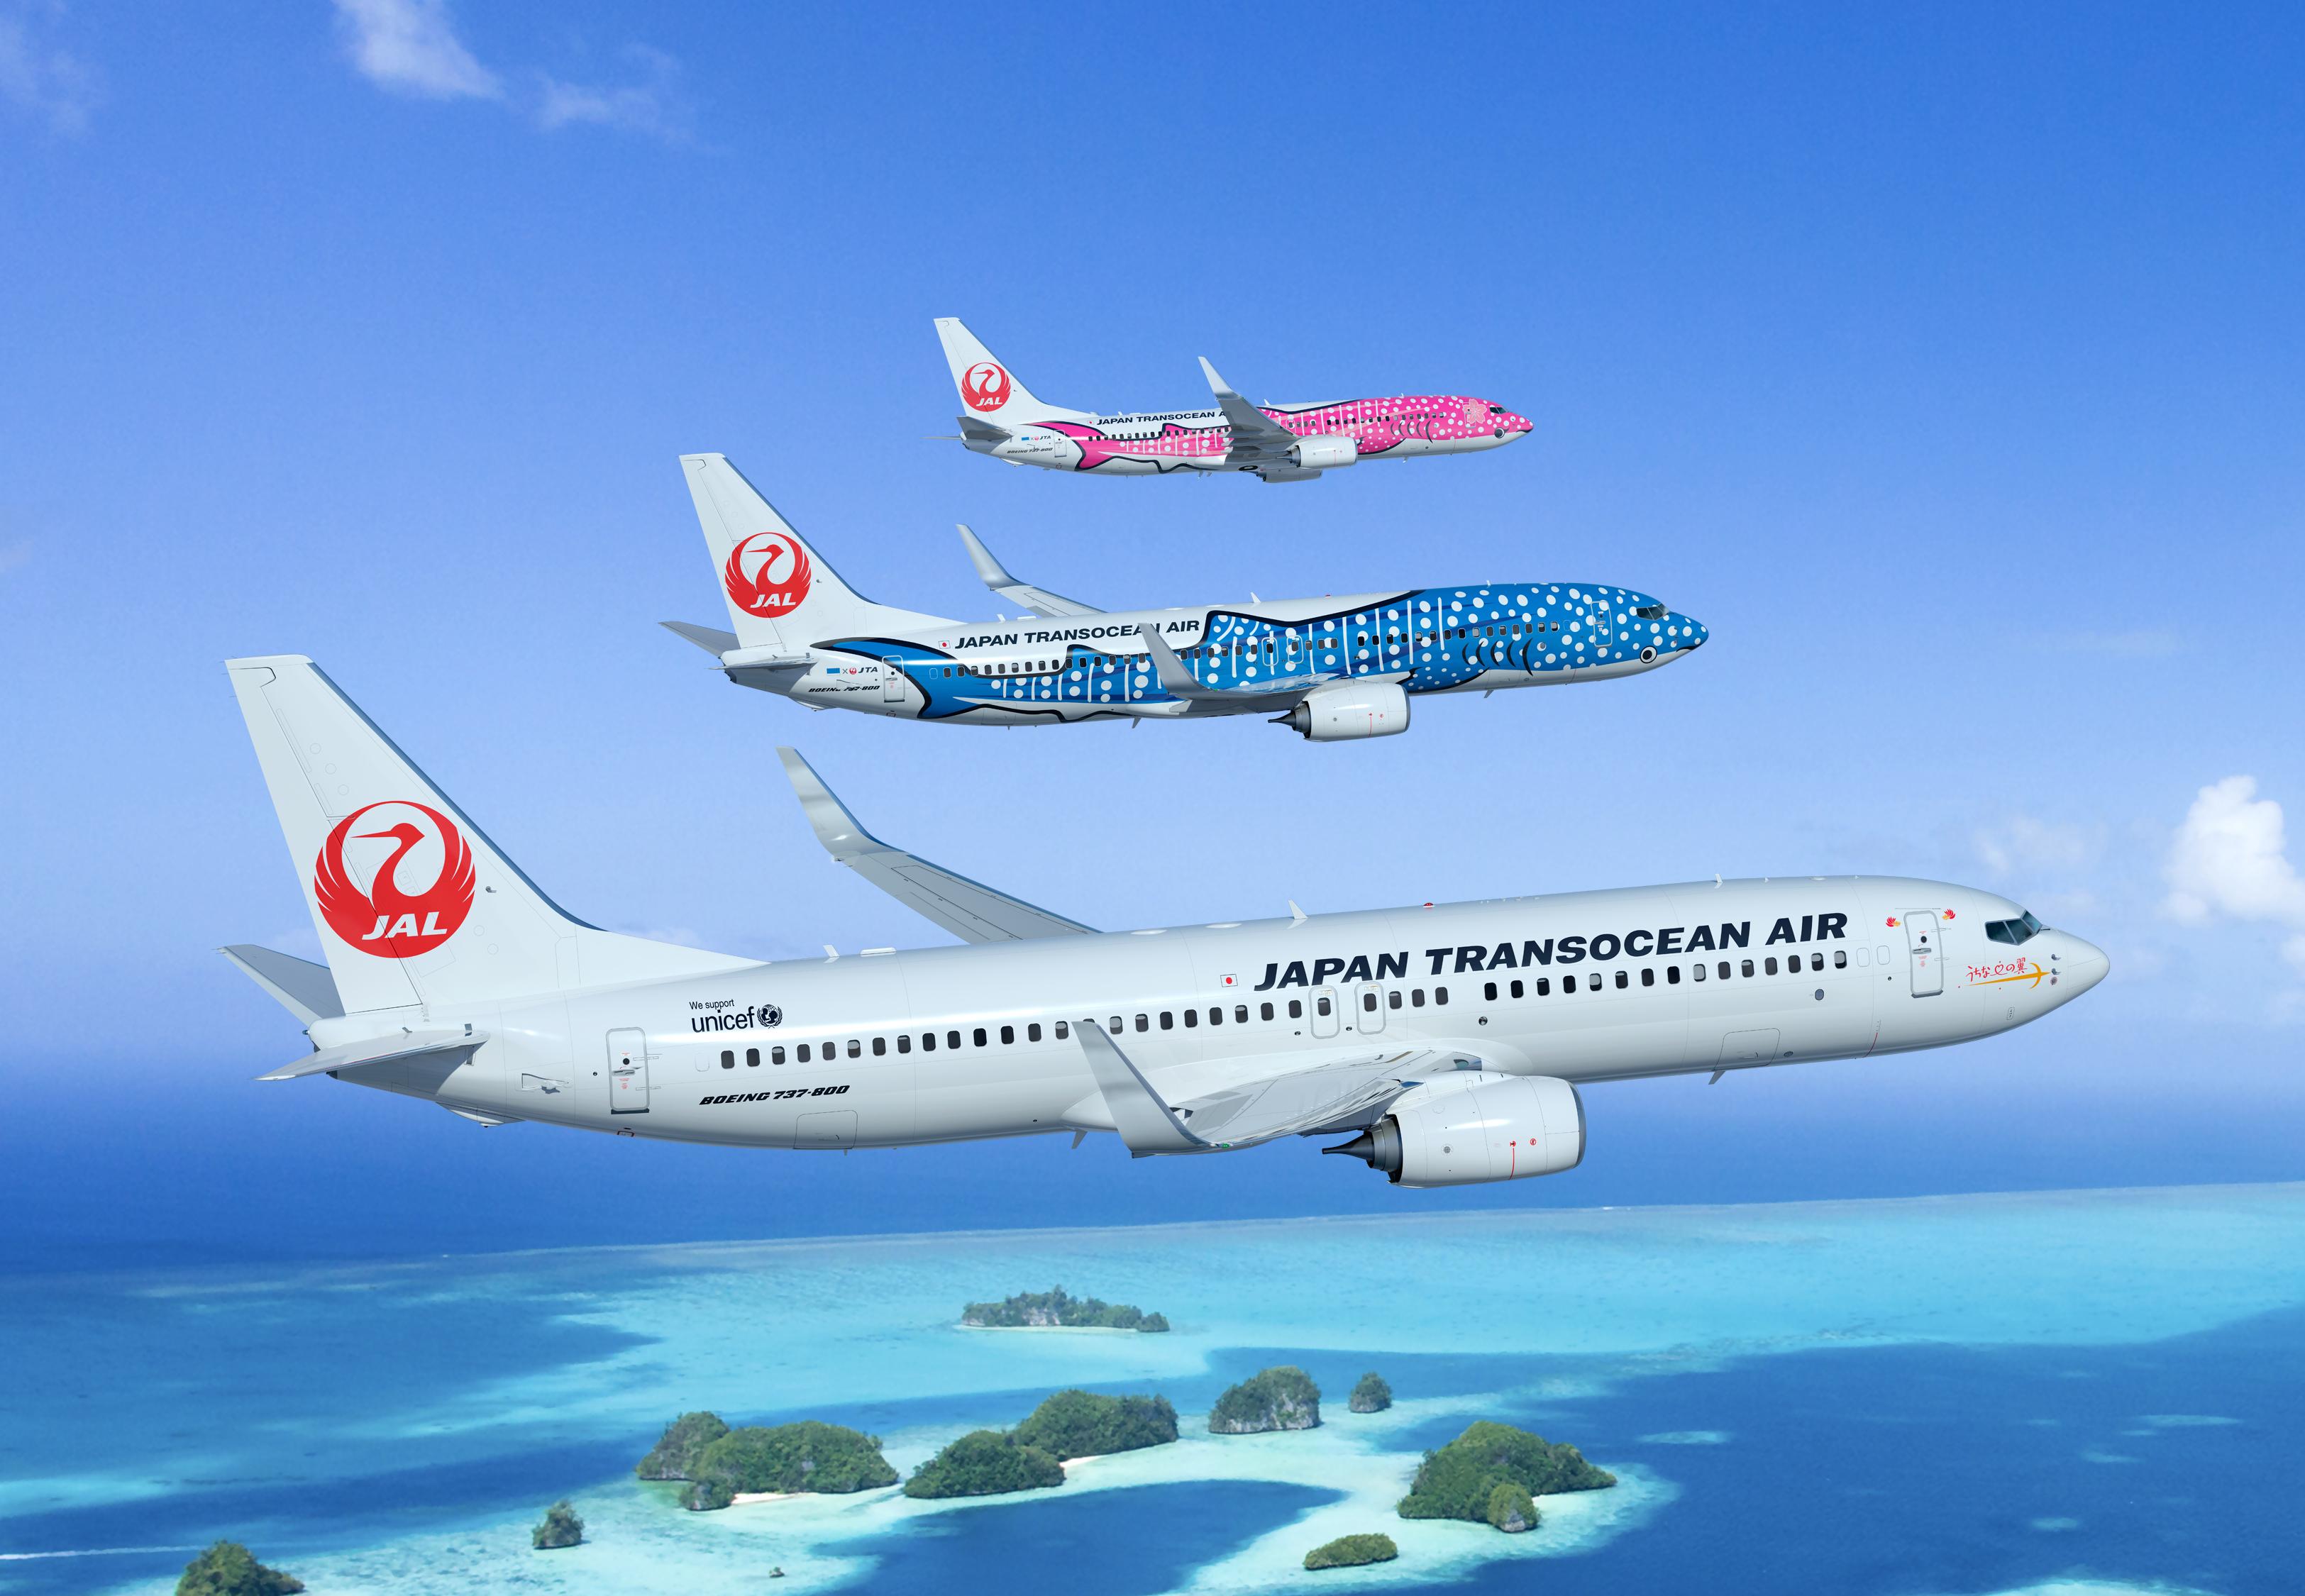 Japan Transocean Air ordena 12 unidades del Boeing 737 Nueva Generación